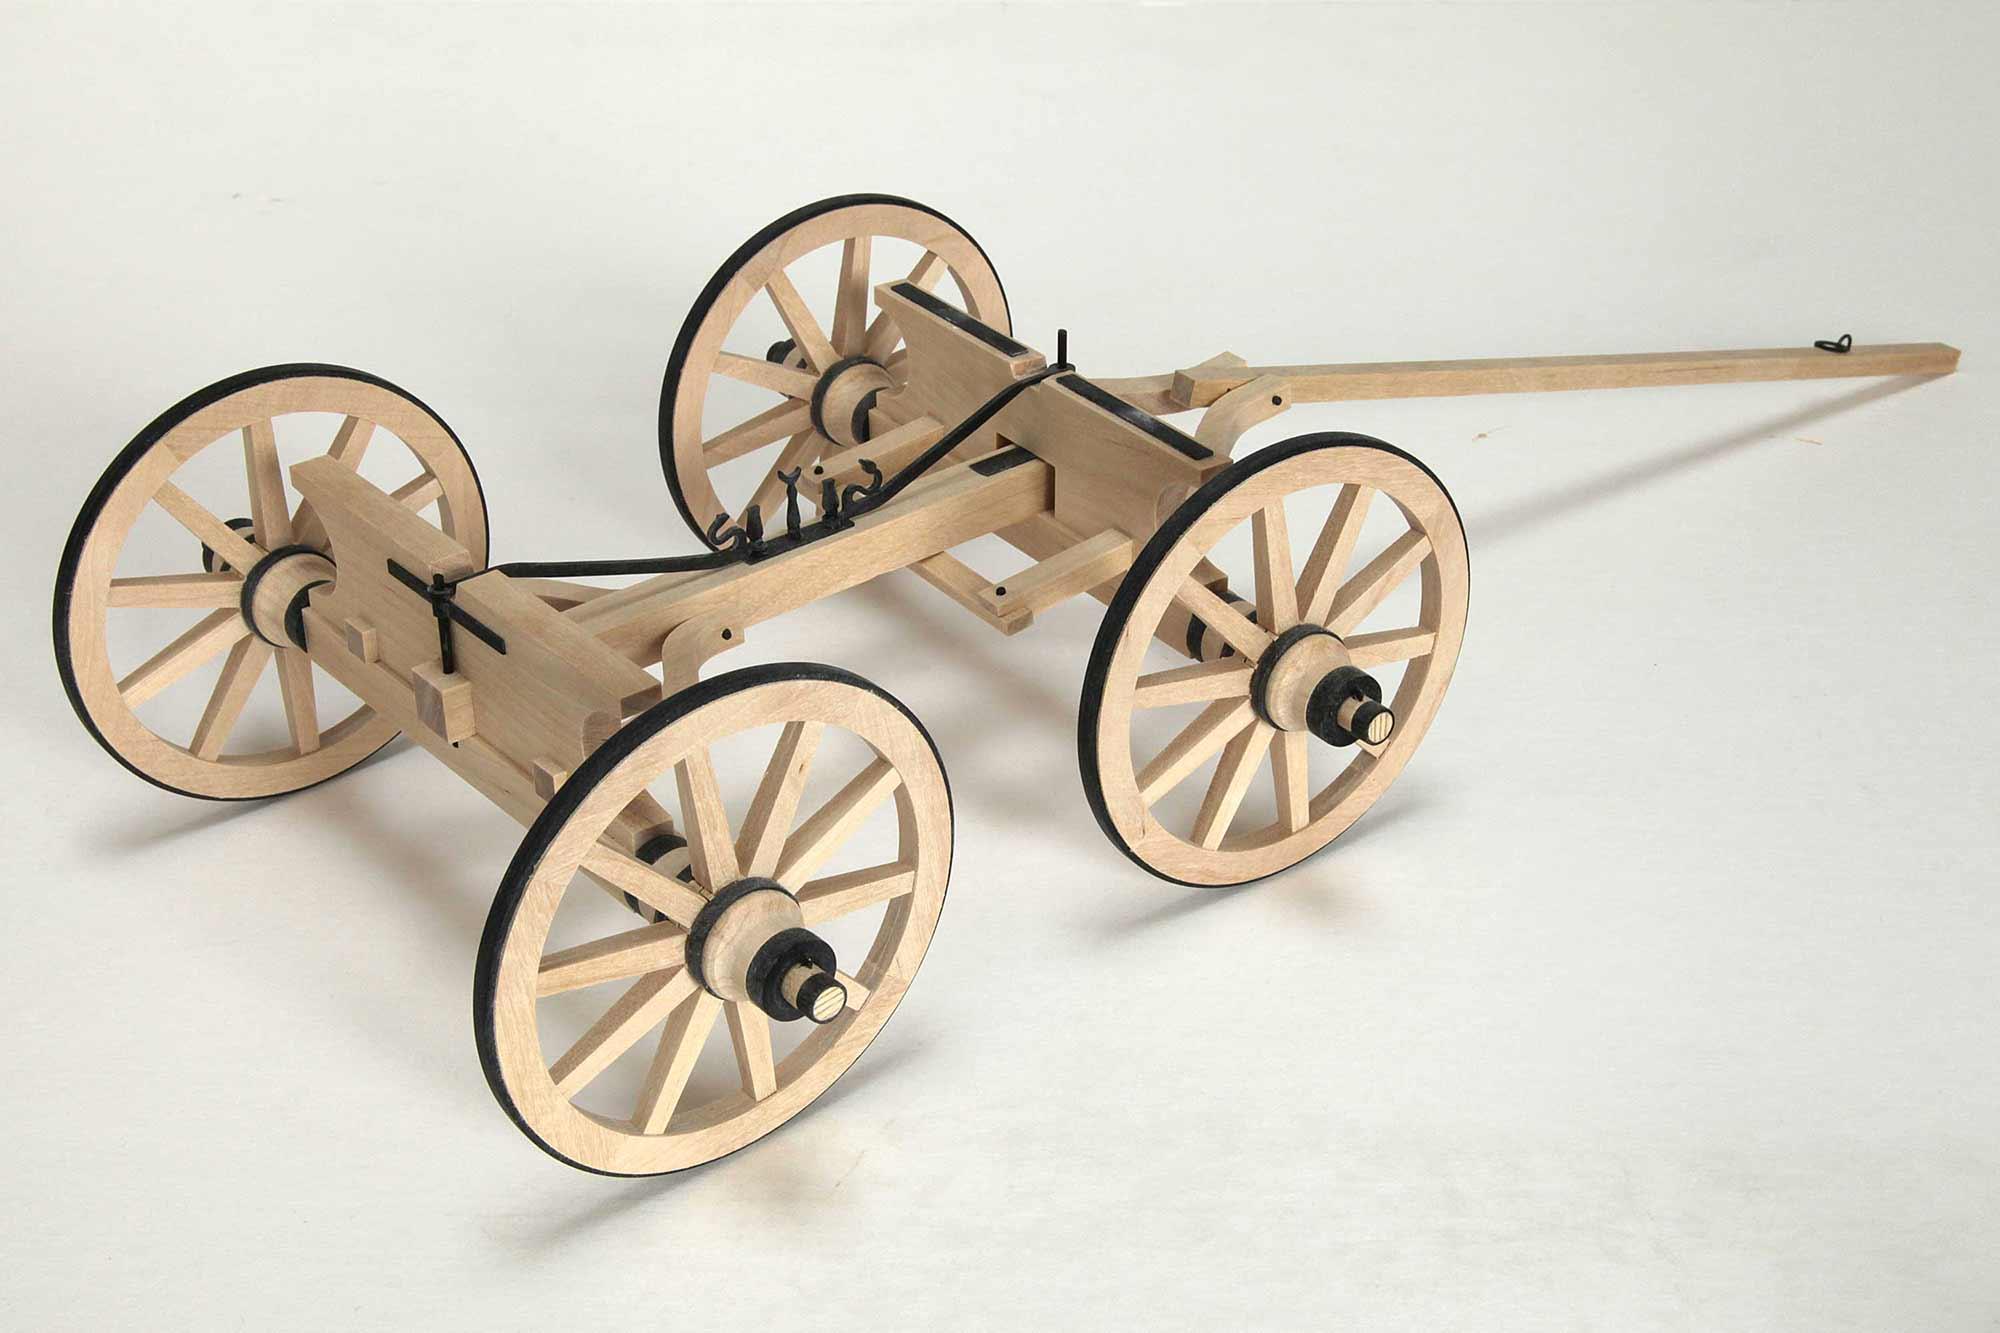 Anschauungsmodell römischer Transportwagen - Fahrwerk